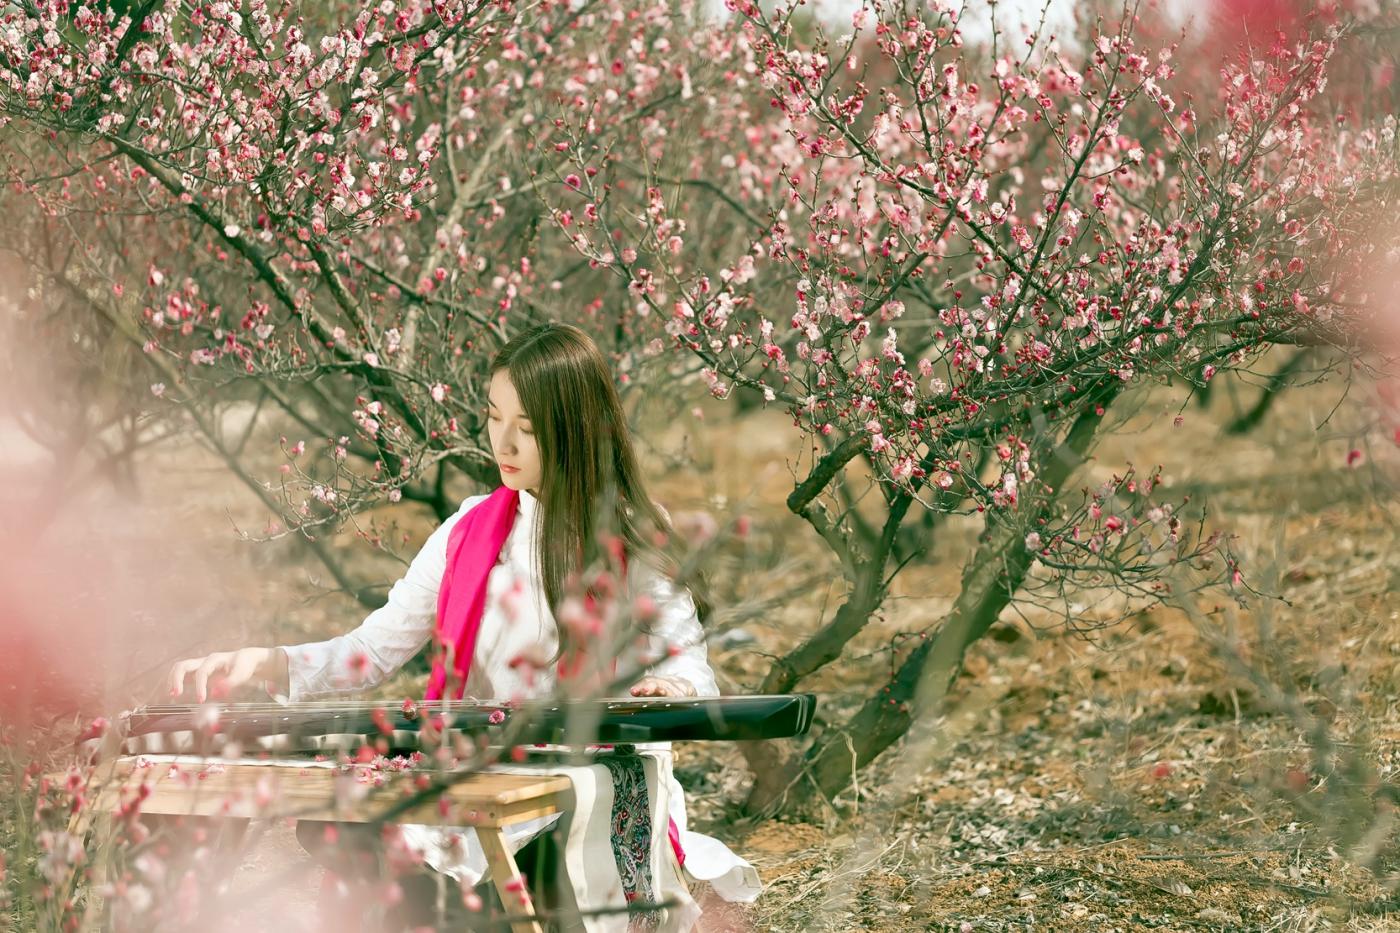 费县的春天从鲜花烂漫的梅林和女孩张诗奇的偶遇开始_图1-17